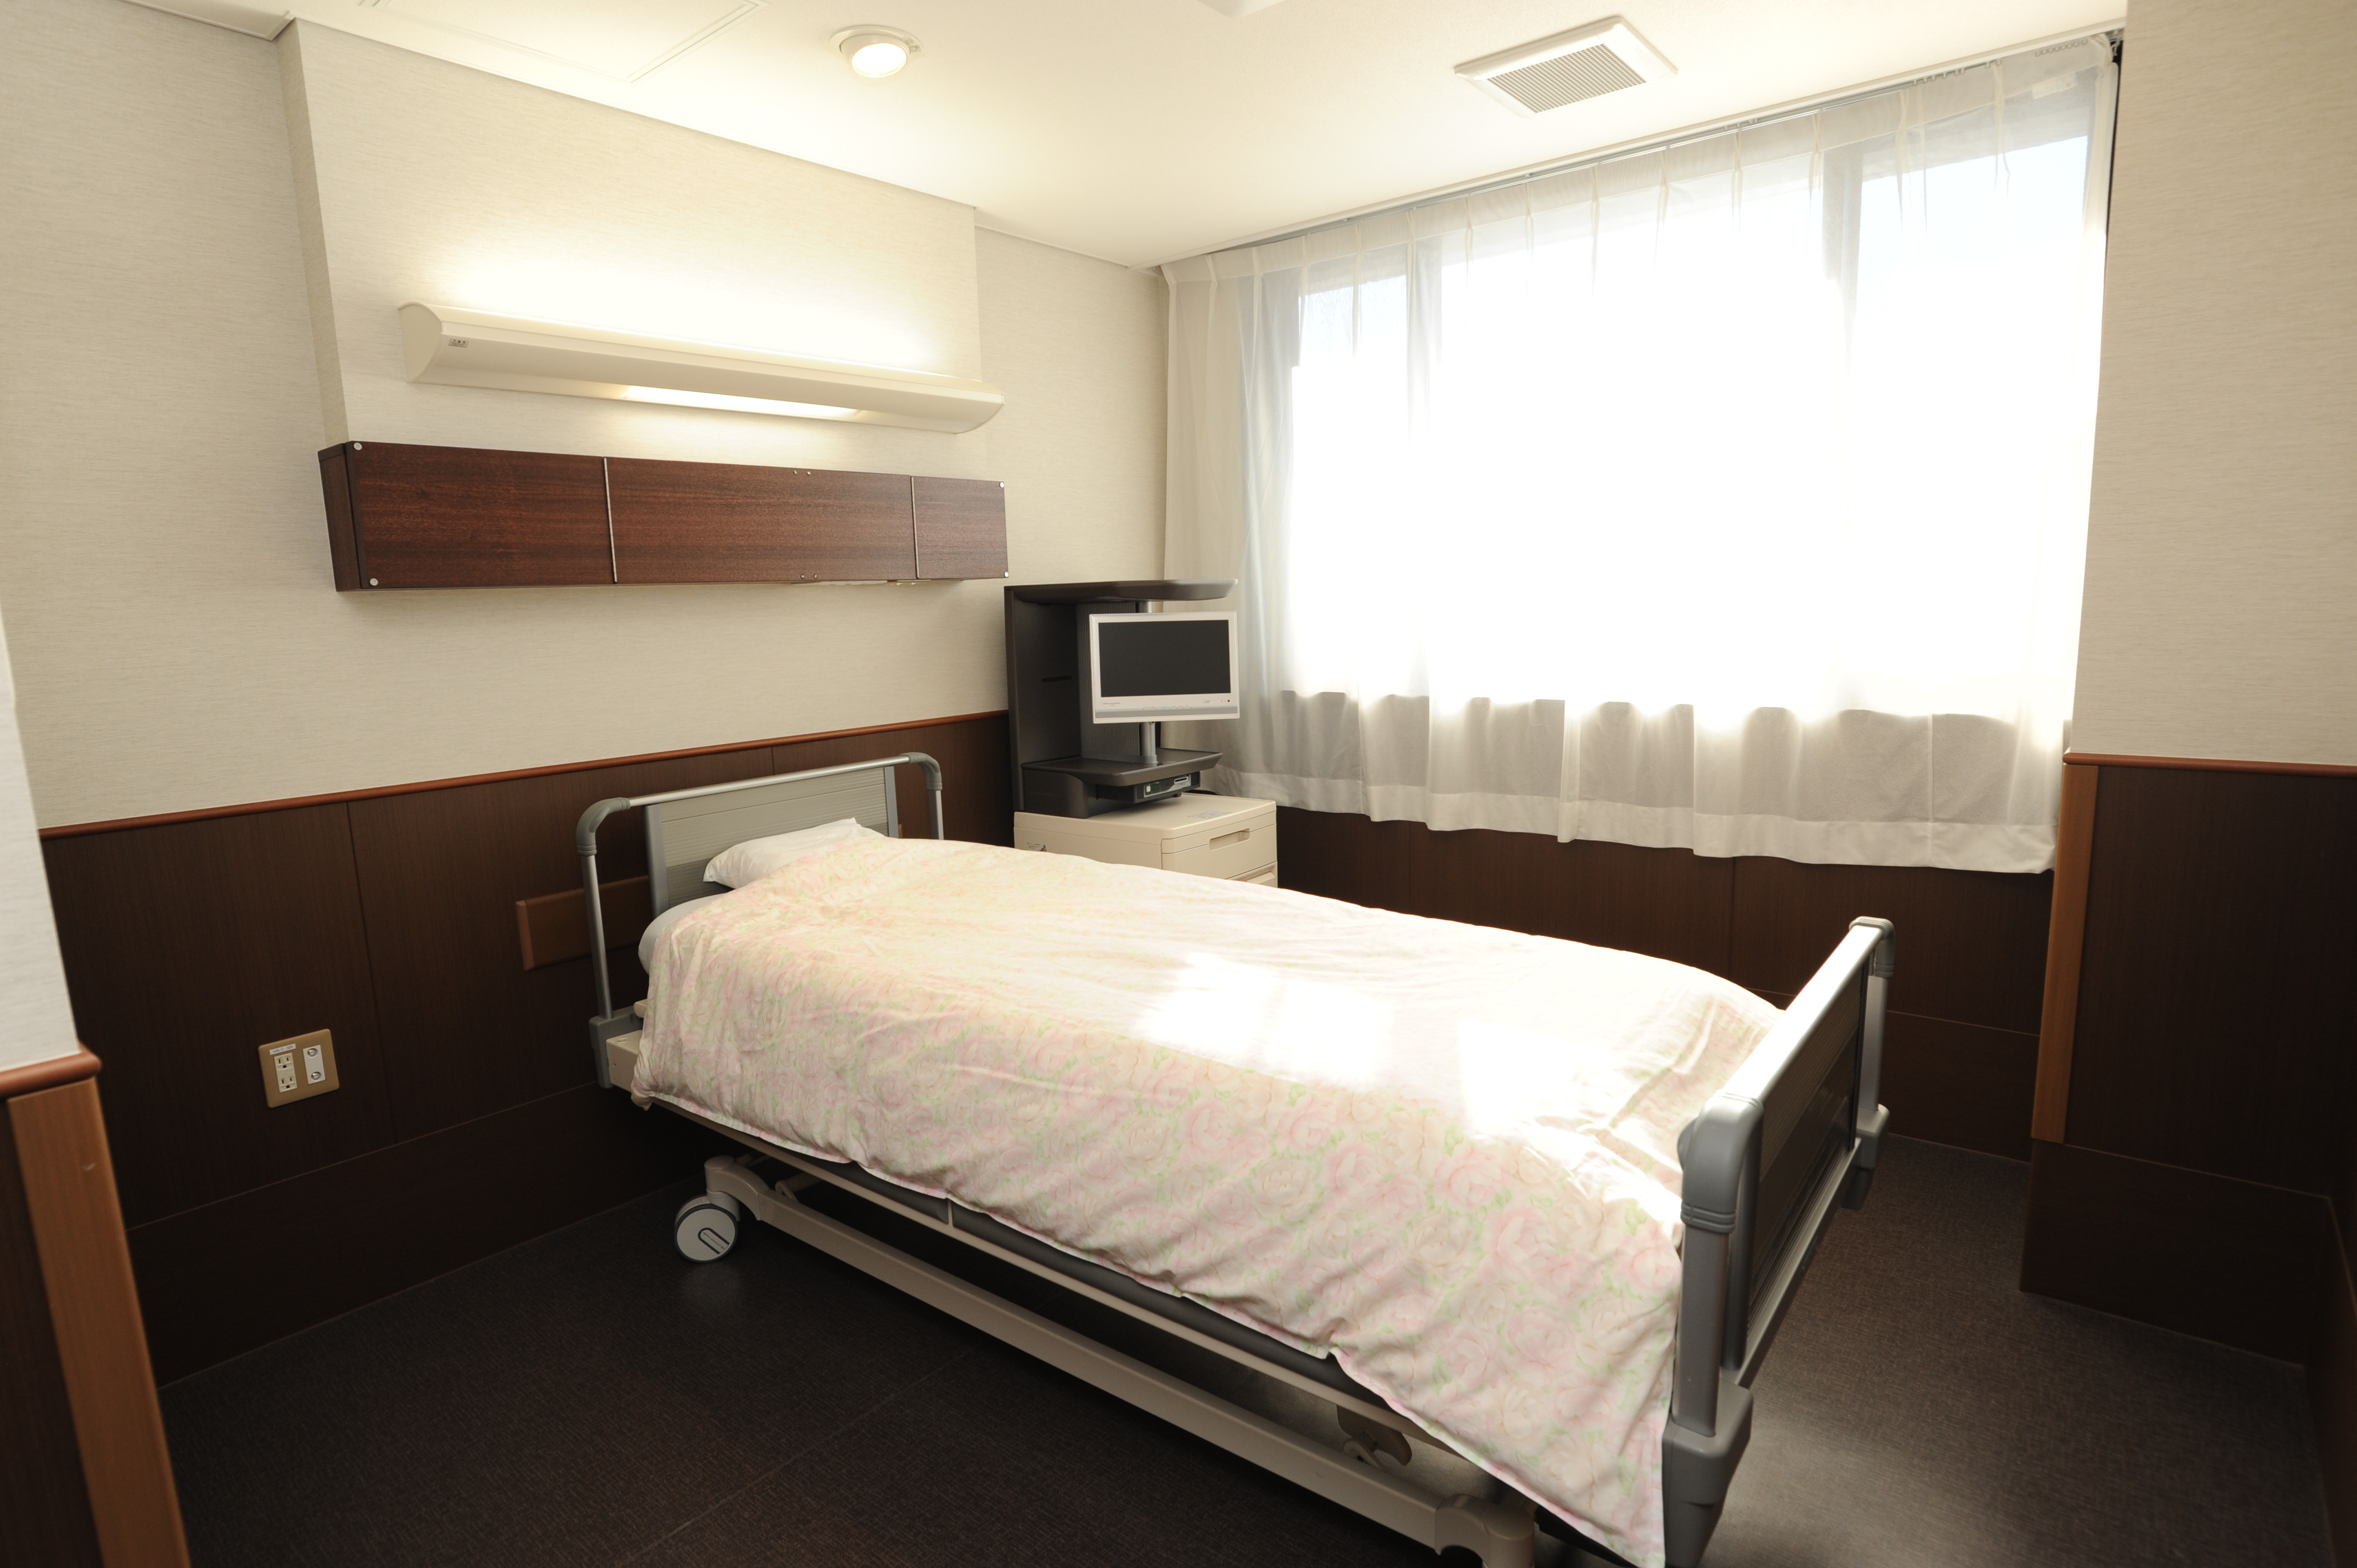 医療法人社団協友会 吉川中央総合病院・求人番号9021540